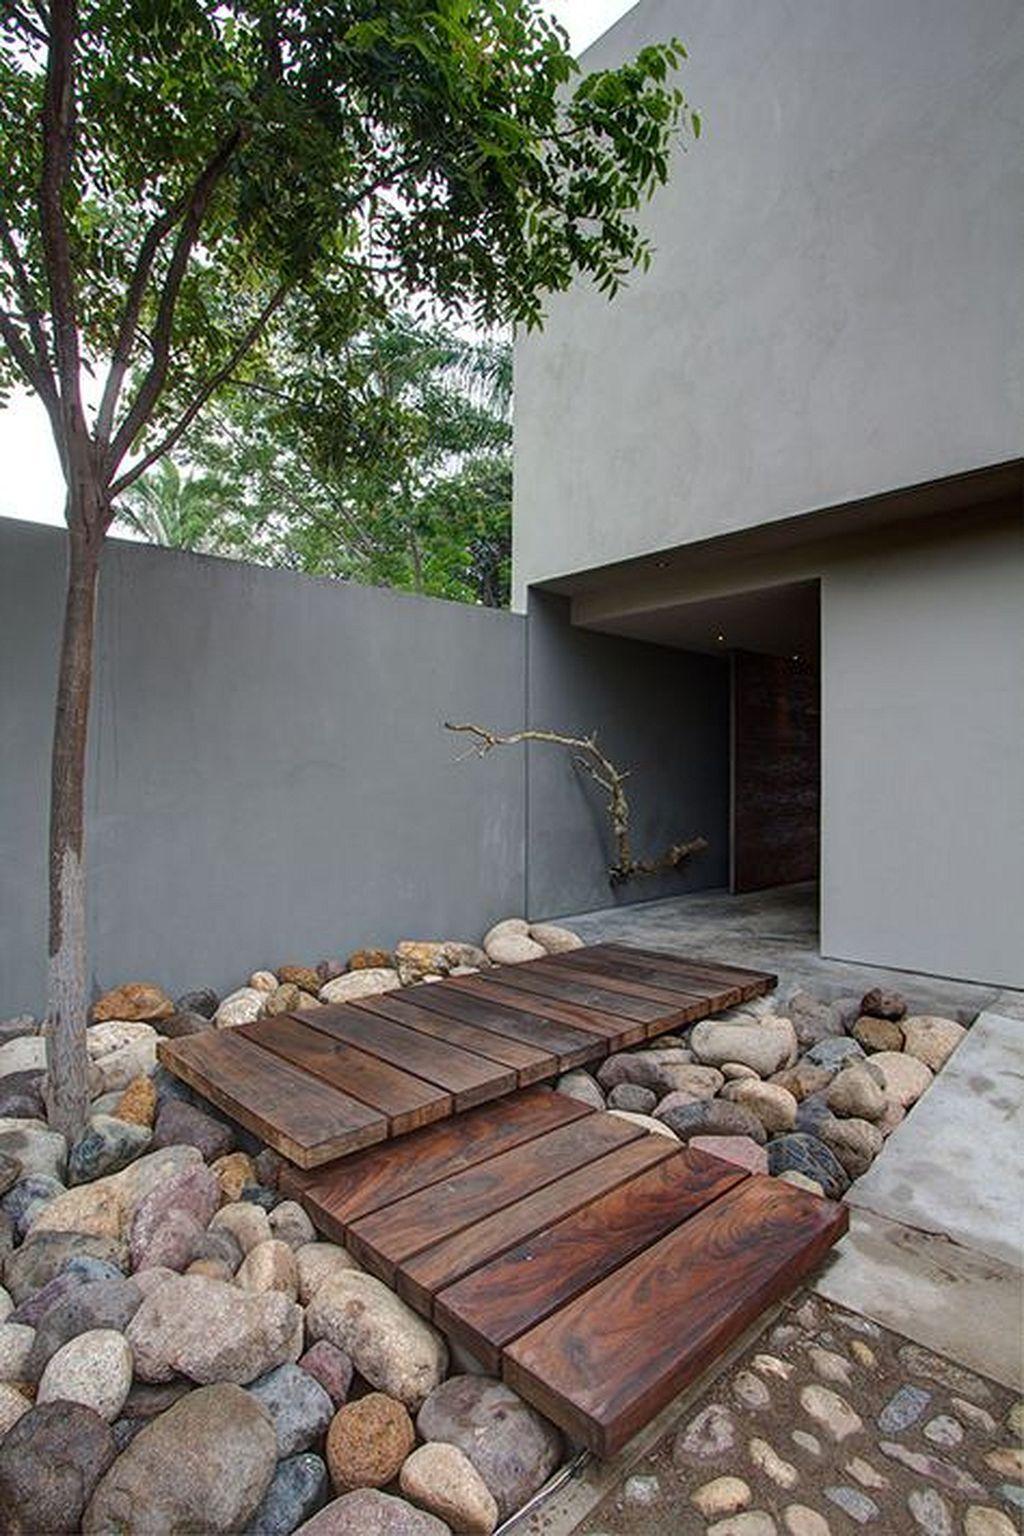 Blickfang Hauseingang Gestalten Treppe Ideen Von Cool 200 Rocks And Stones Walkway Design